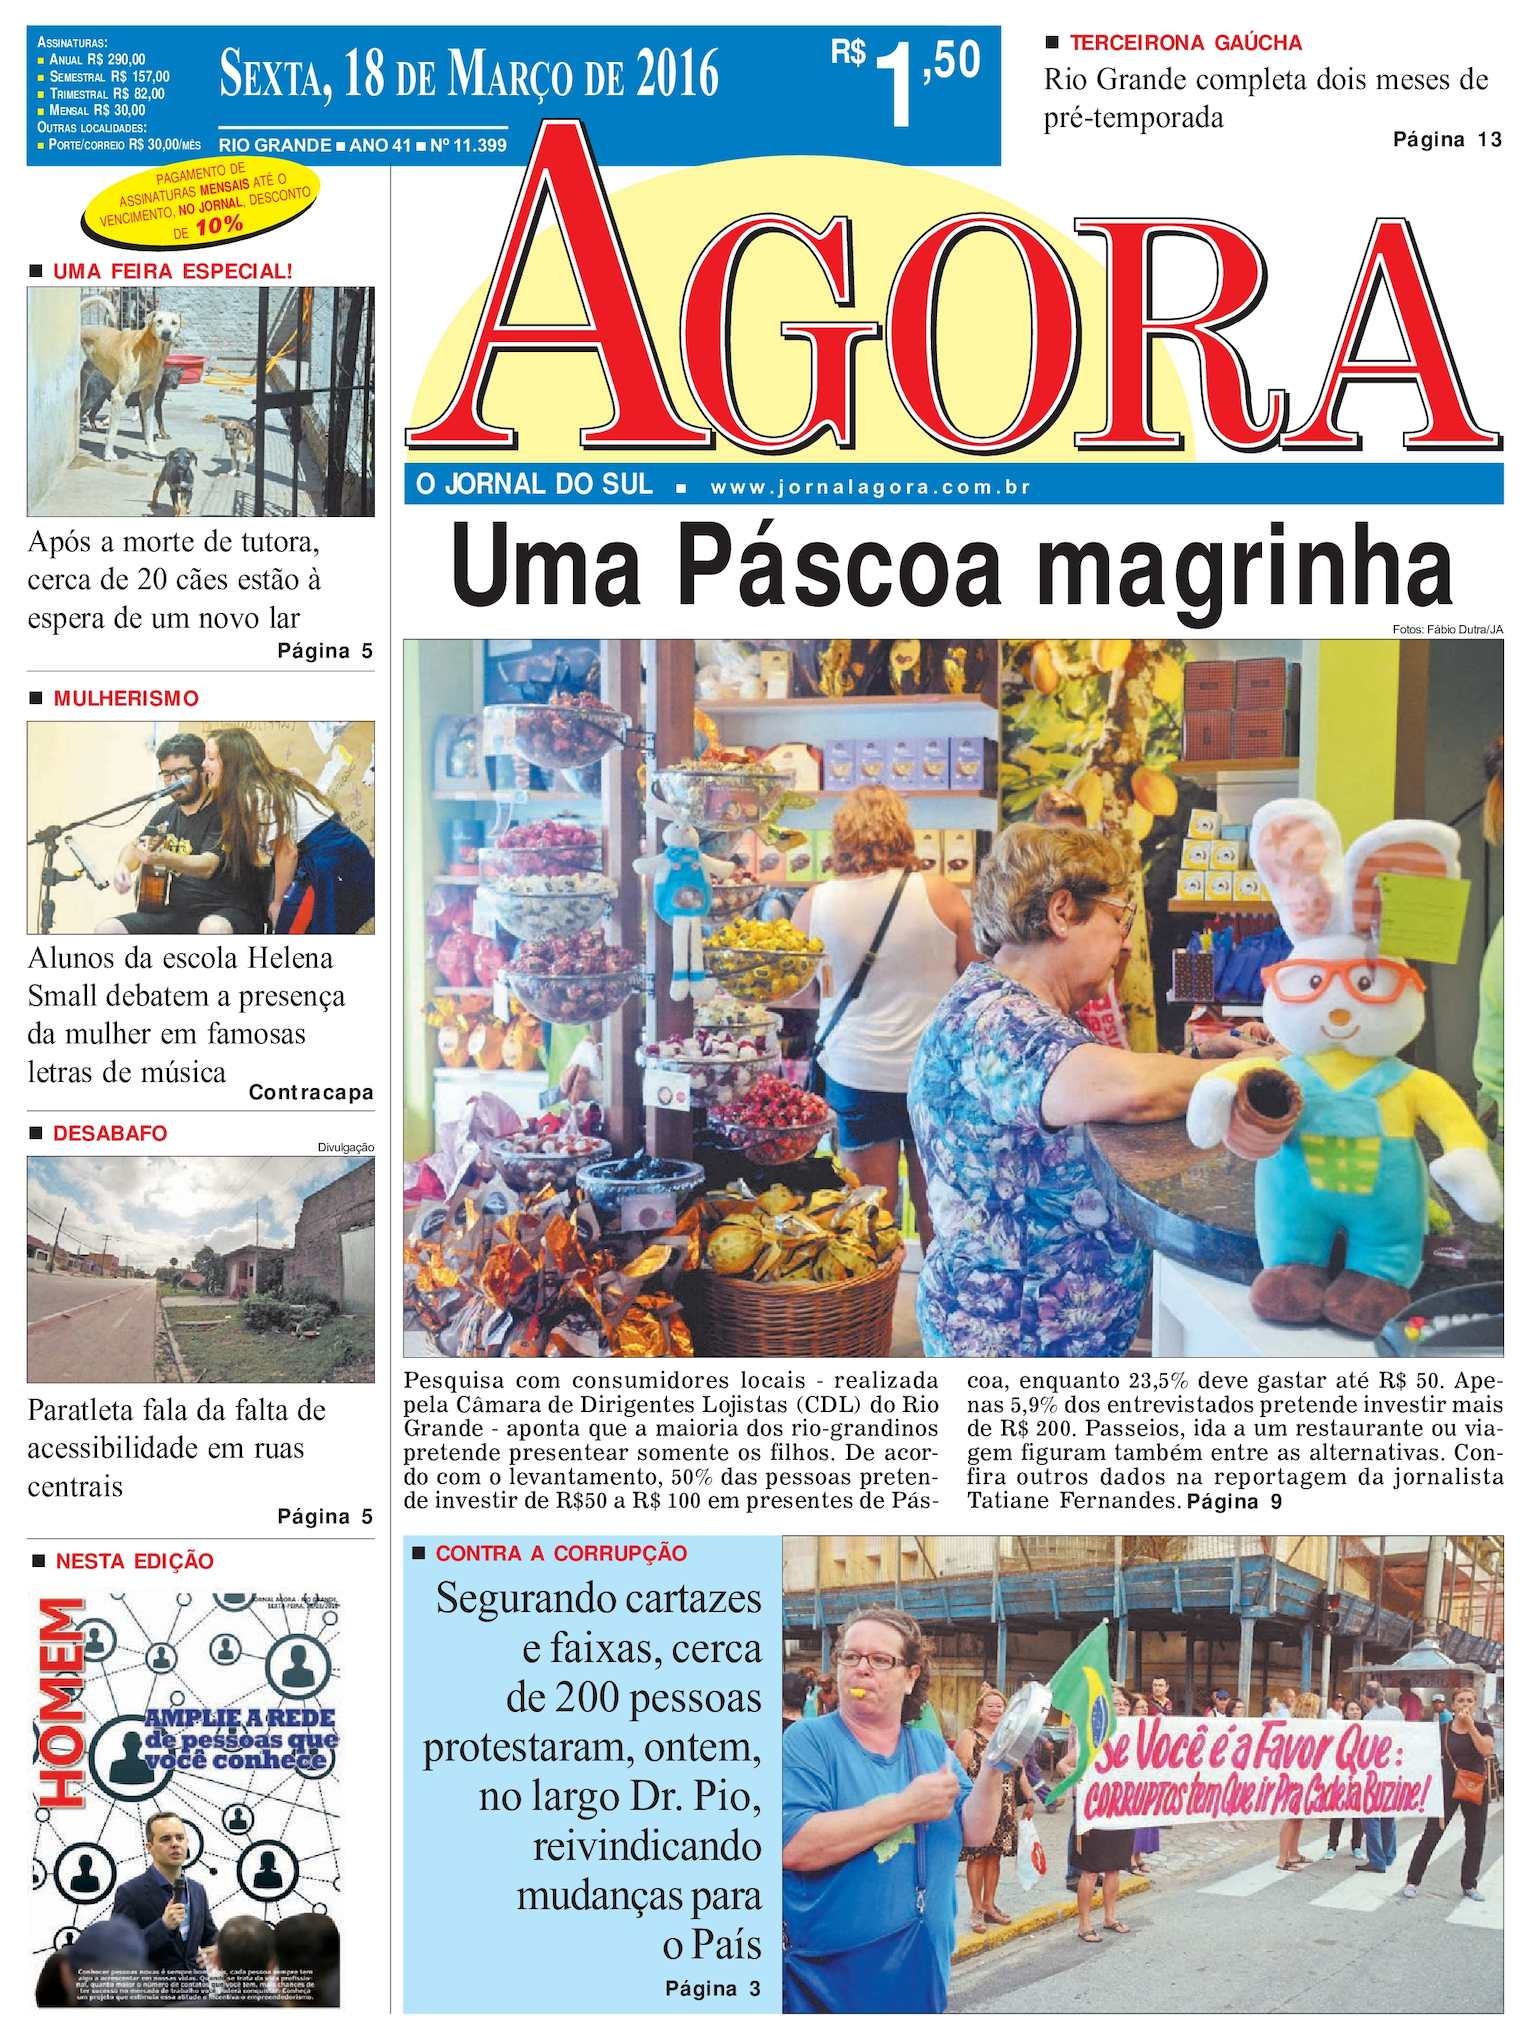 5e48d887f31 Calaméo - Jornal Agora - Edição 11399 - 18 de Março de 2016